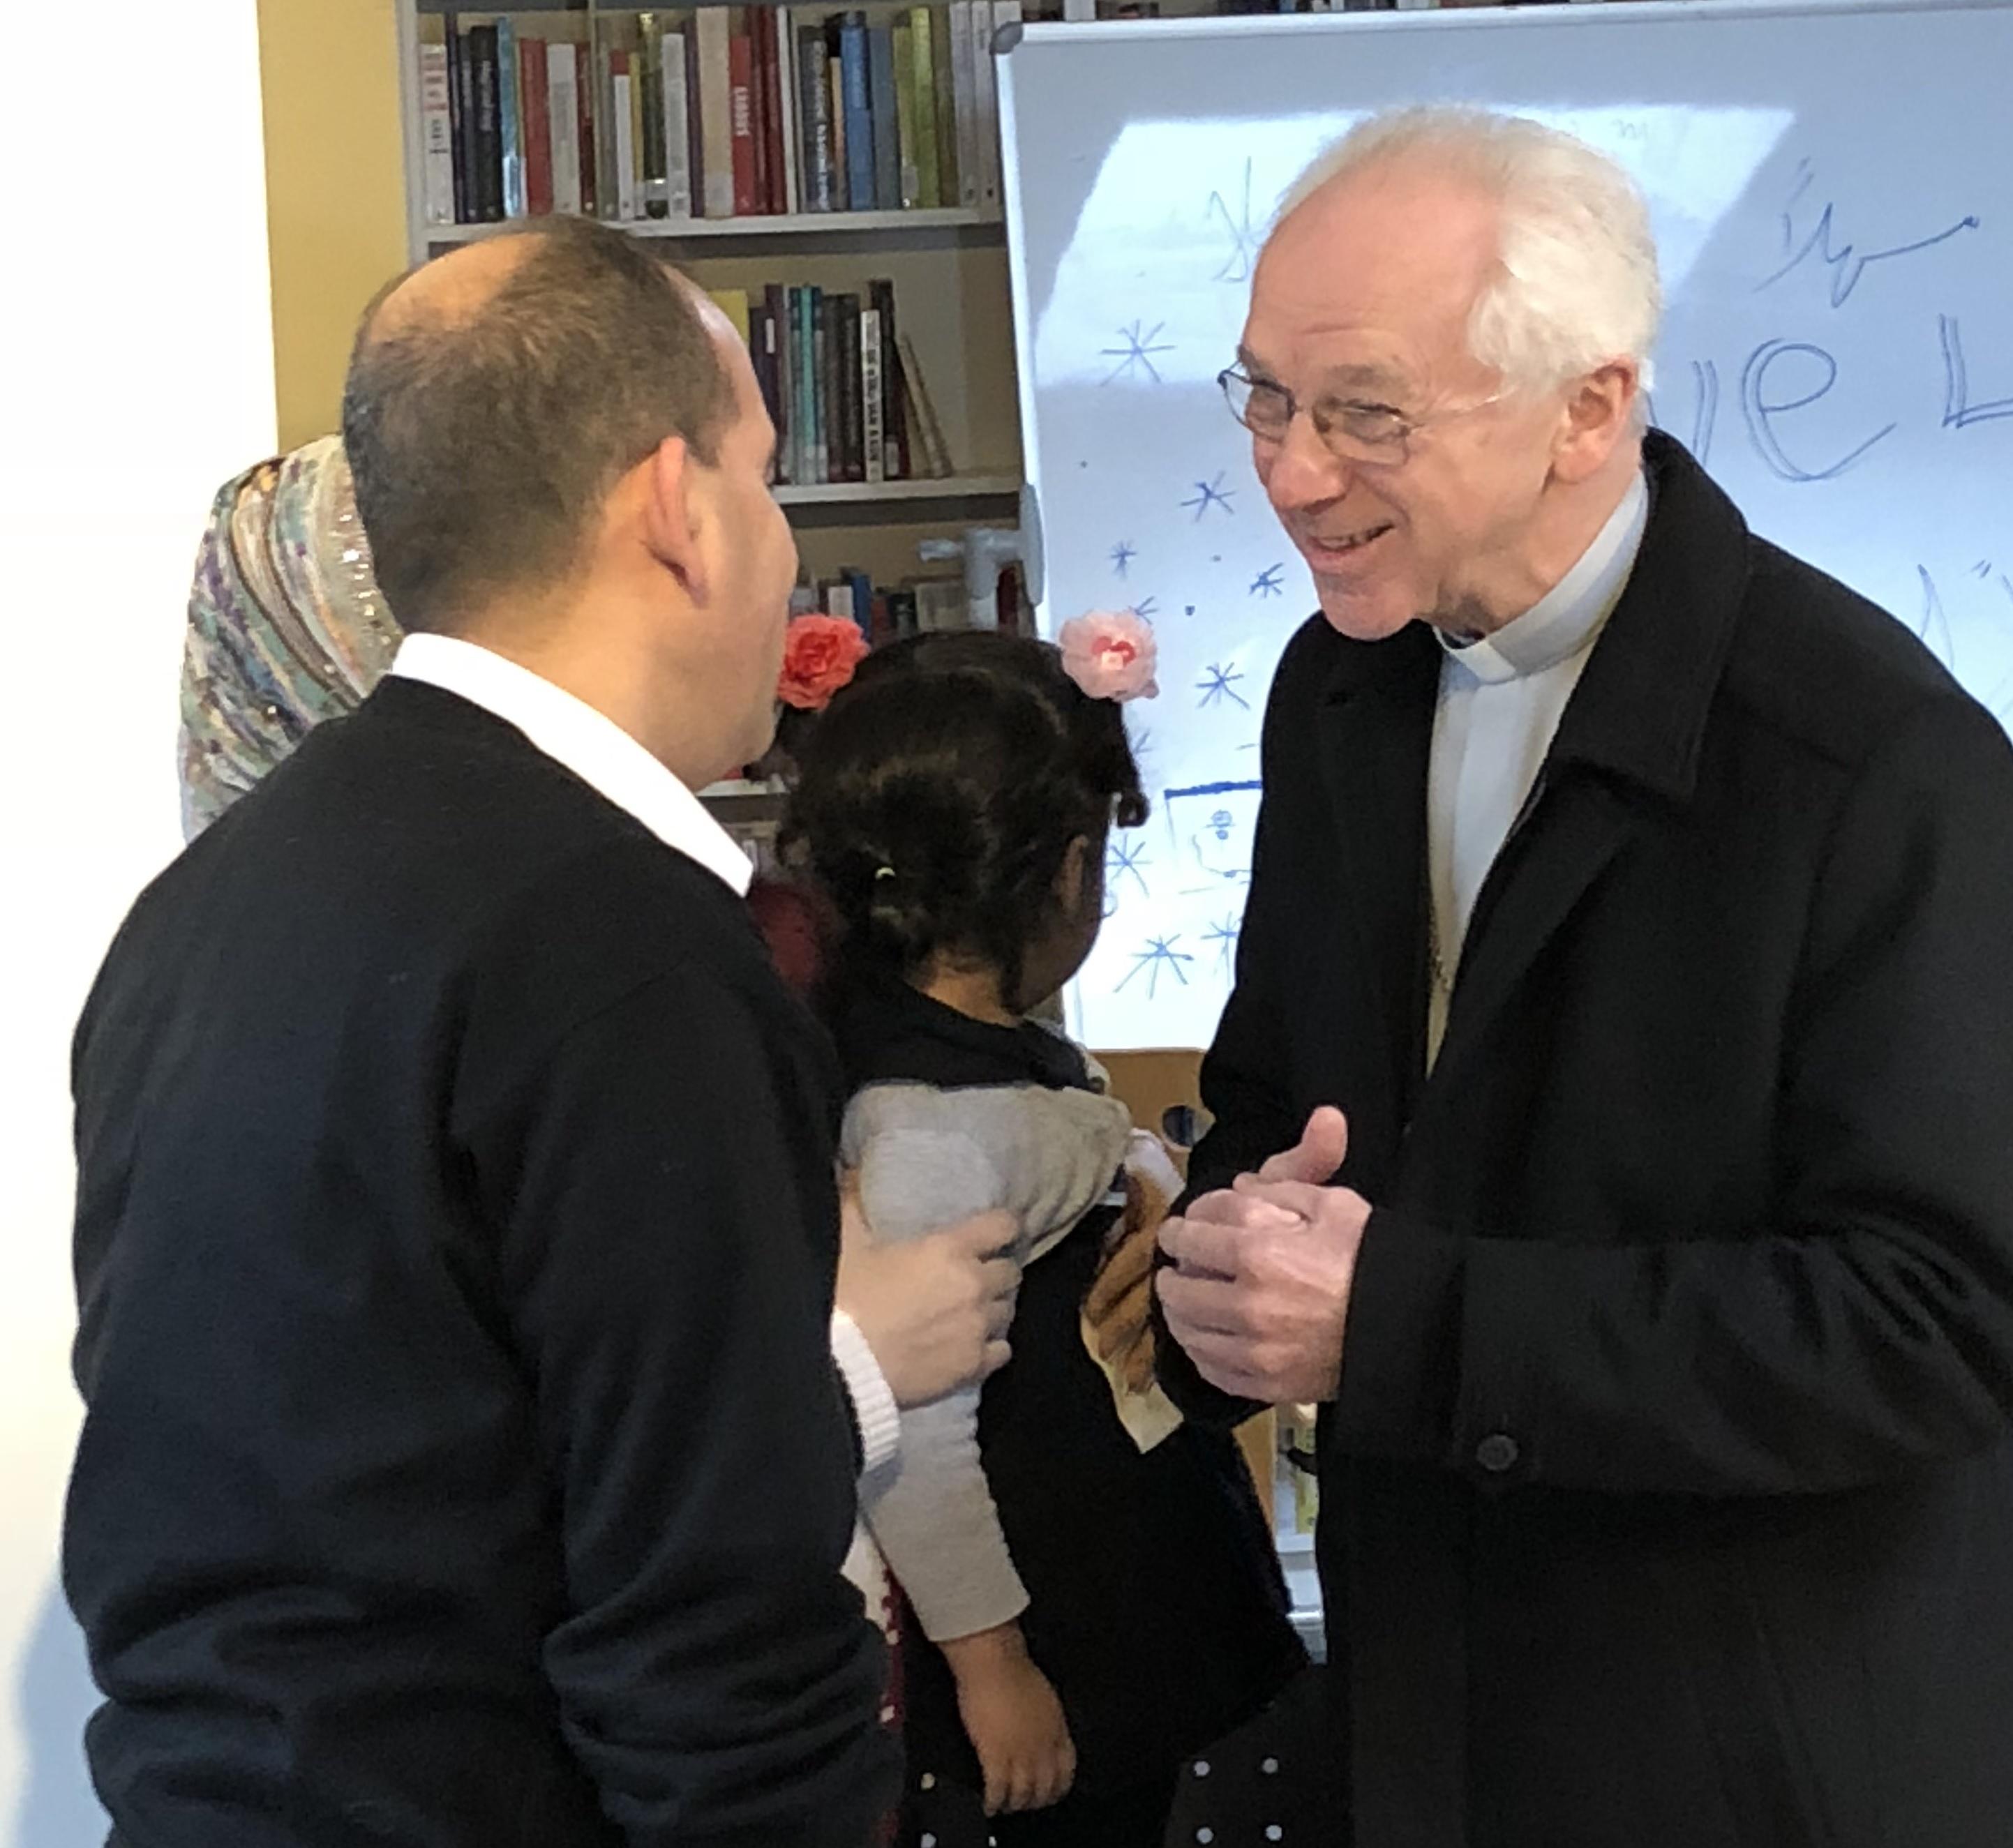 Kardinaal De Kesel bezoekt vluchtelingenfamilies in Mechelen © Tommy Scholtes